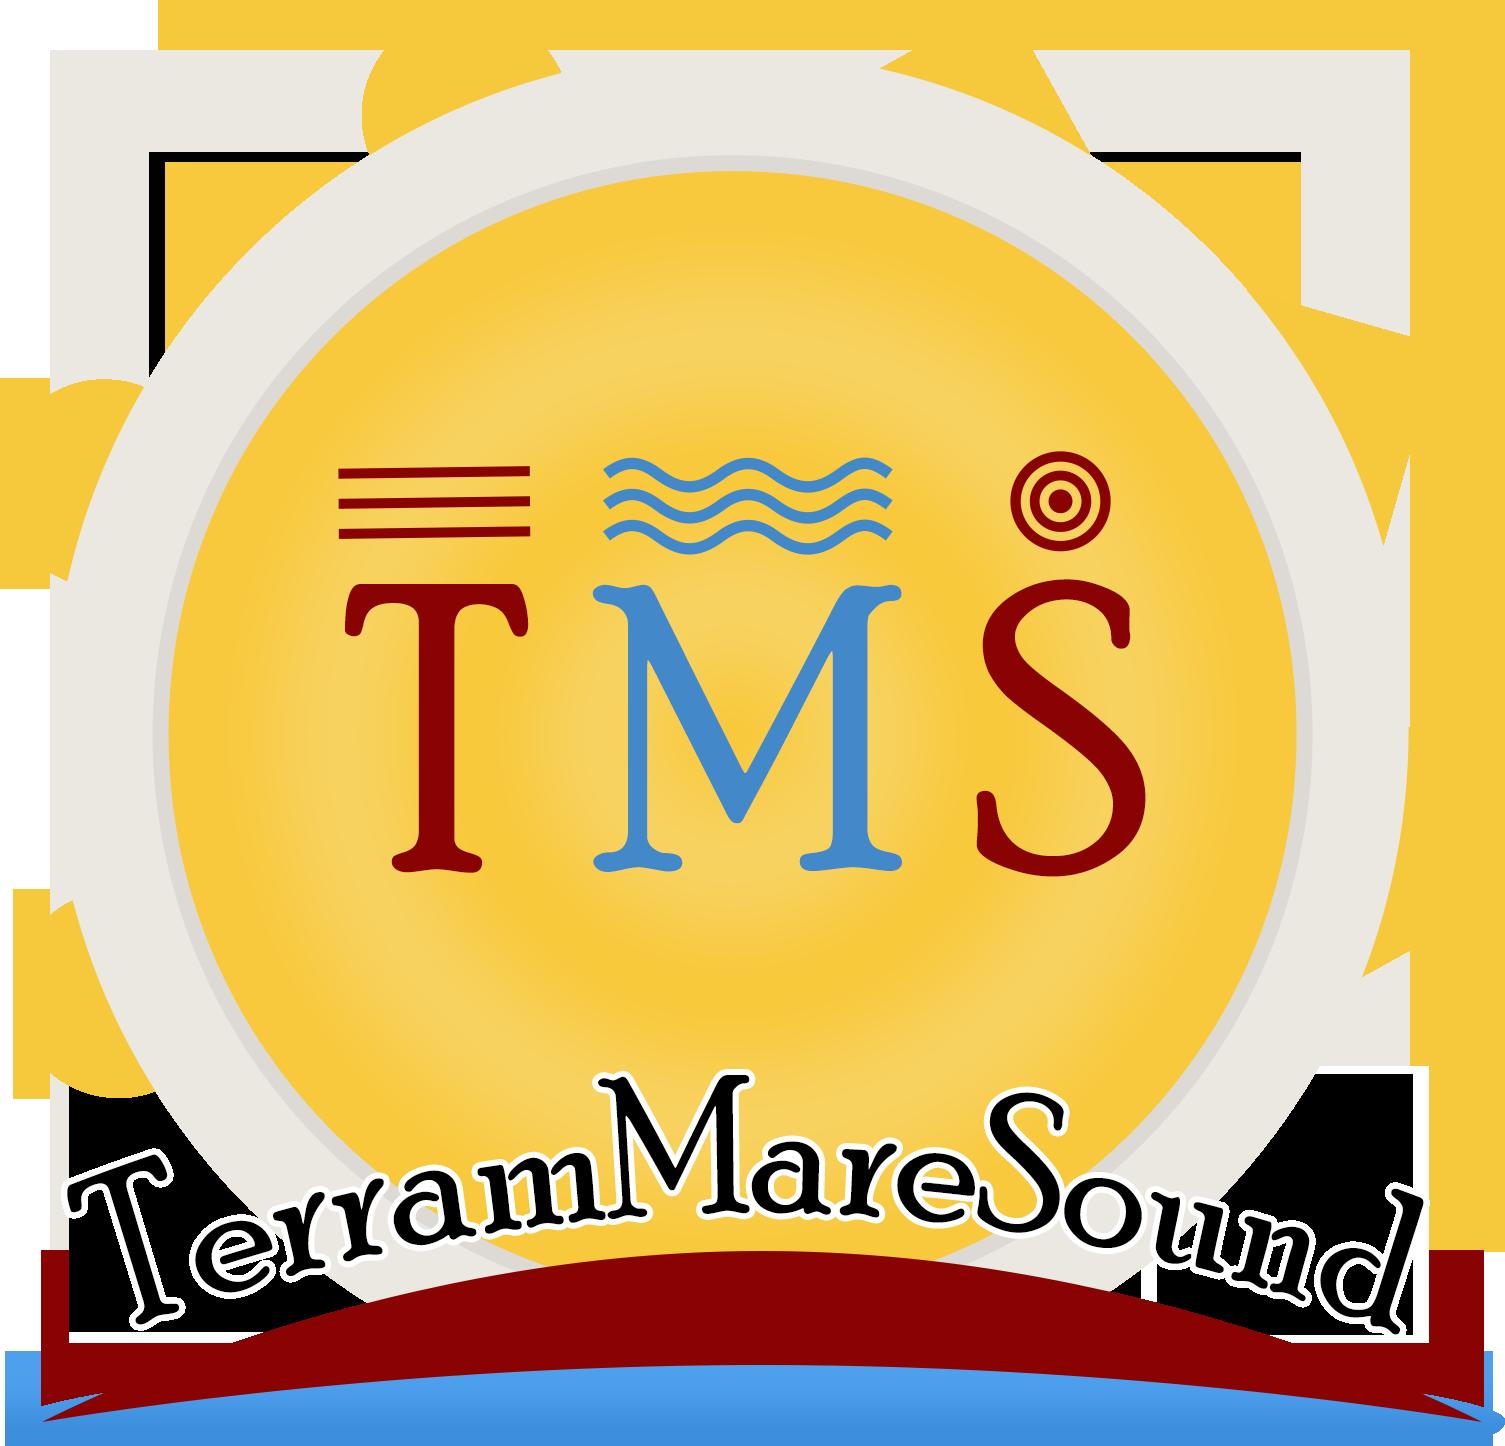 Terrammare Sound